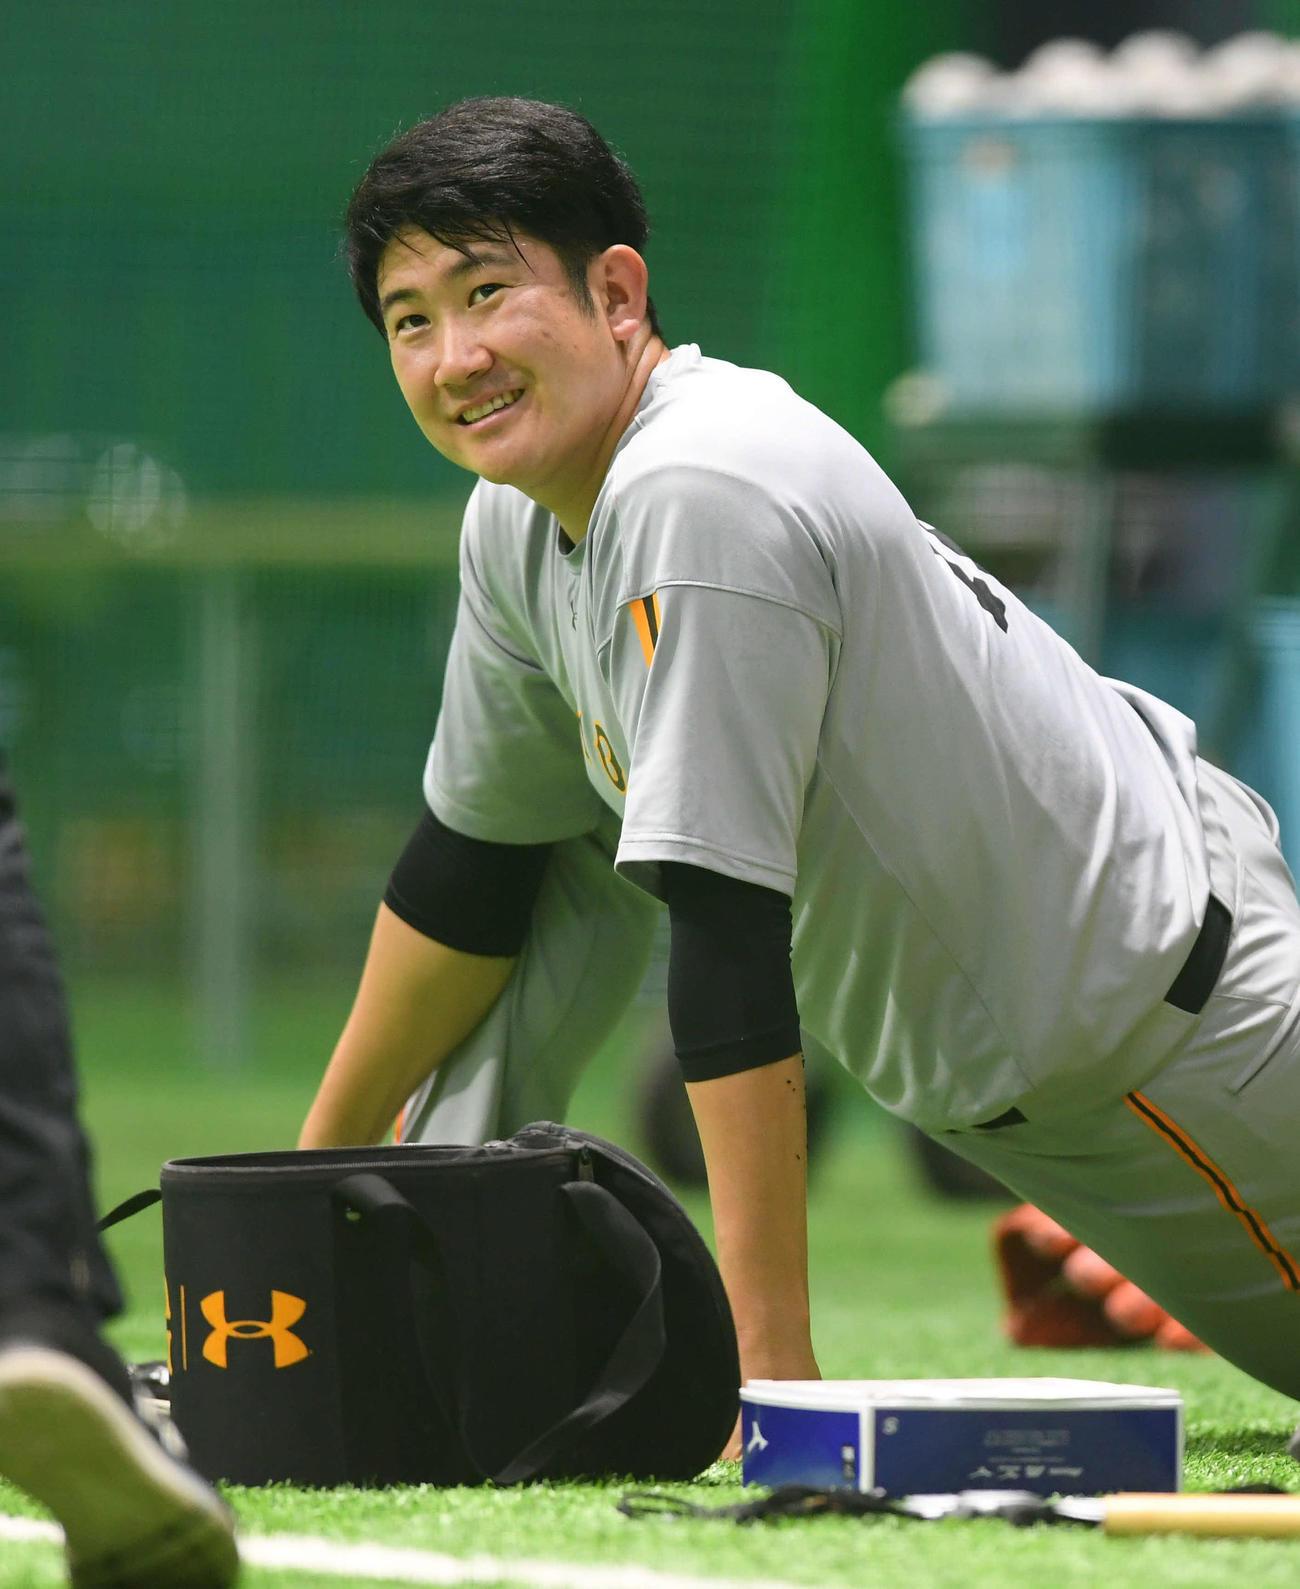 練習中、笑顔を見せる巨人菅野(撮影・たえ見朱実)